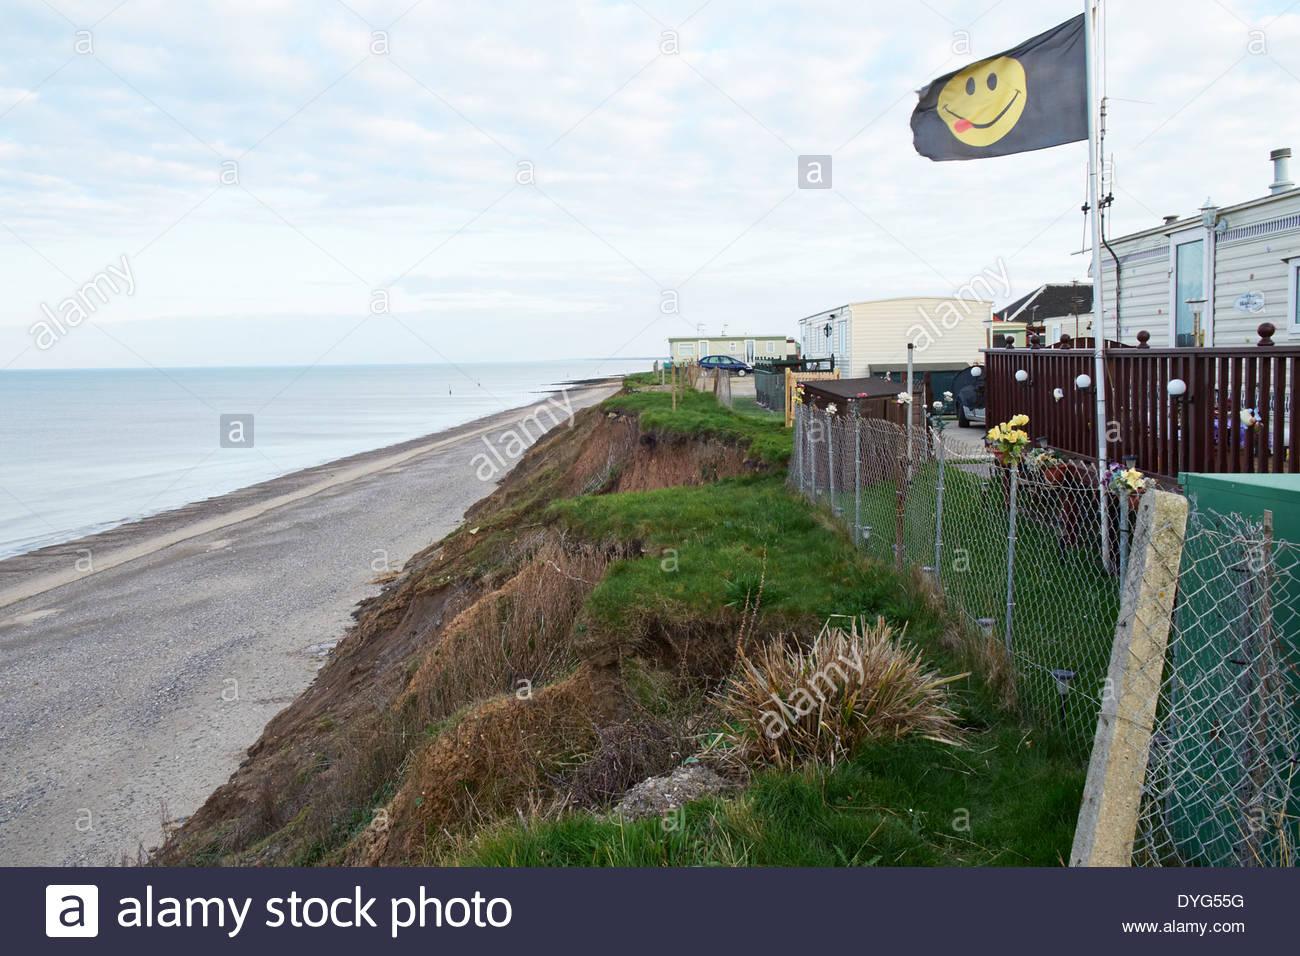 Mobilheime auf Campingplatz unter Androhung von Erosion, Erdrutsch. Clay Klippen am Hornsea, Holderness Küste - Erosion durch das Meer Aktion Stockbild